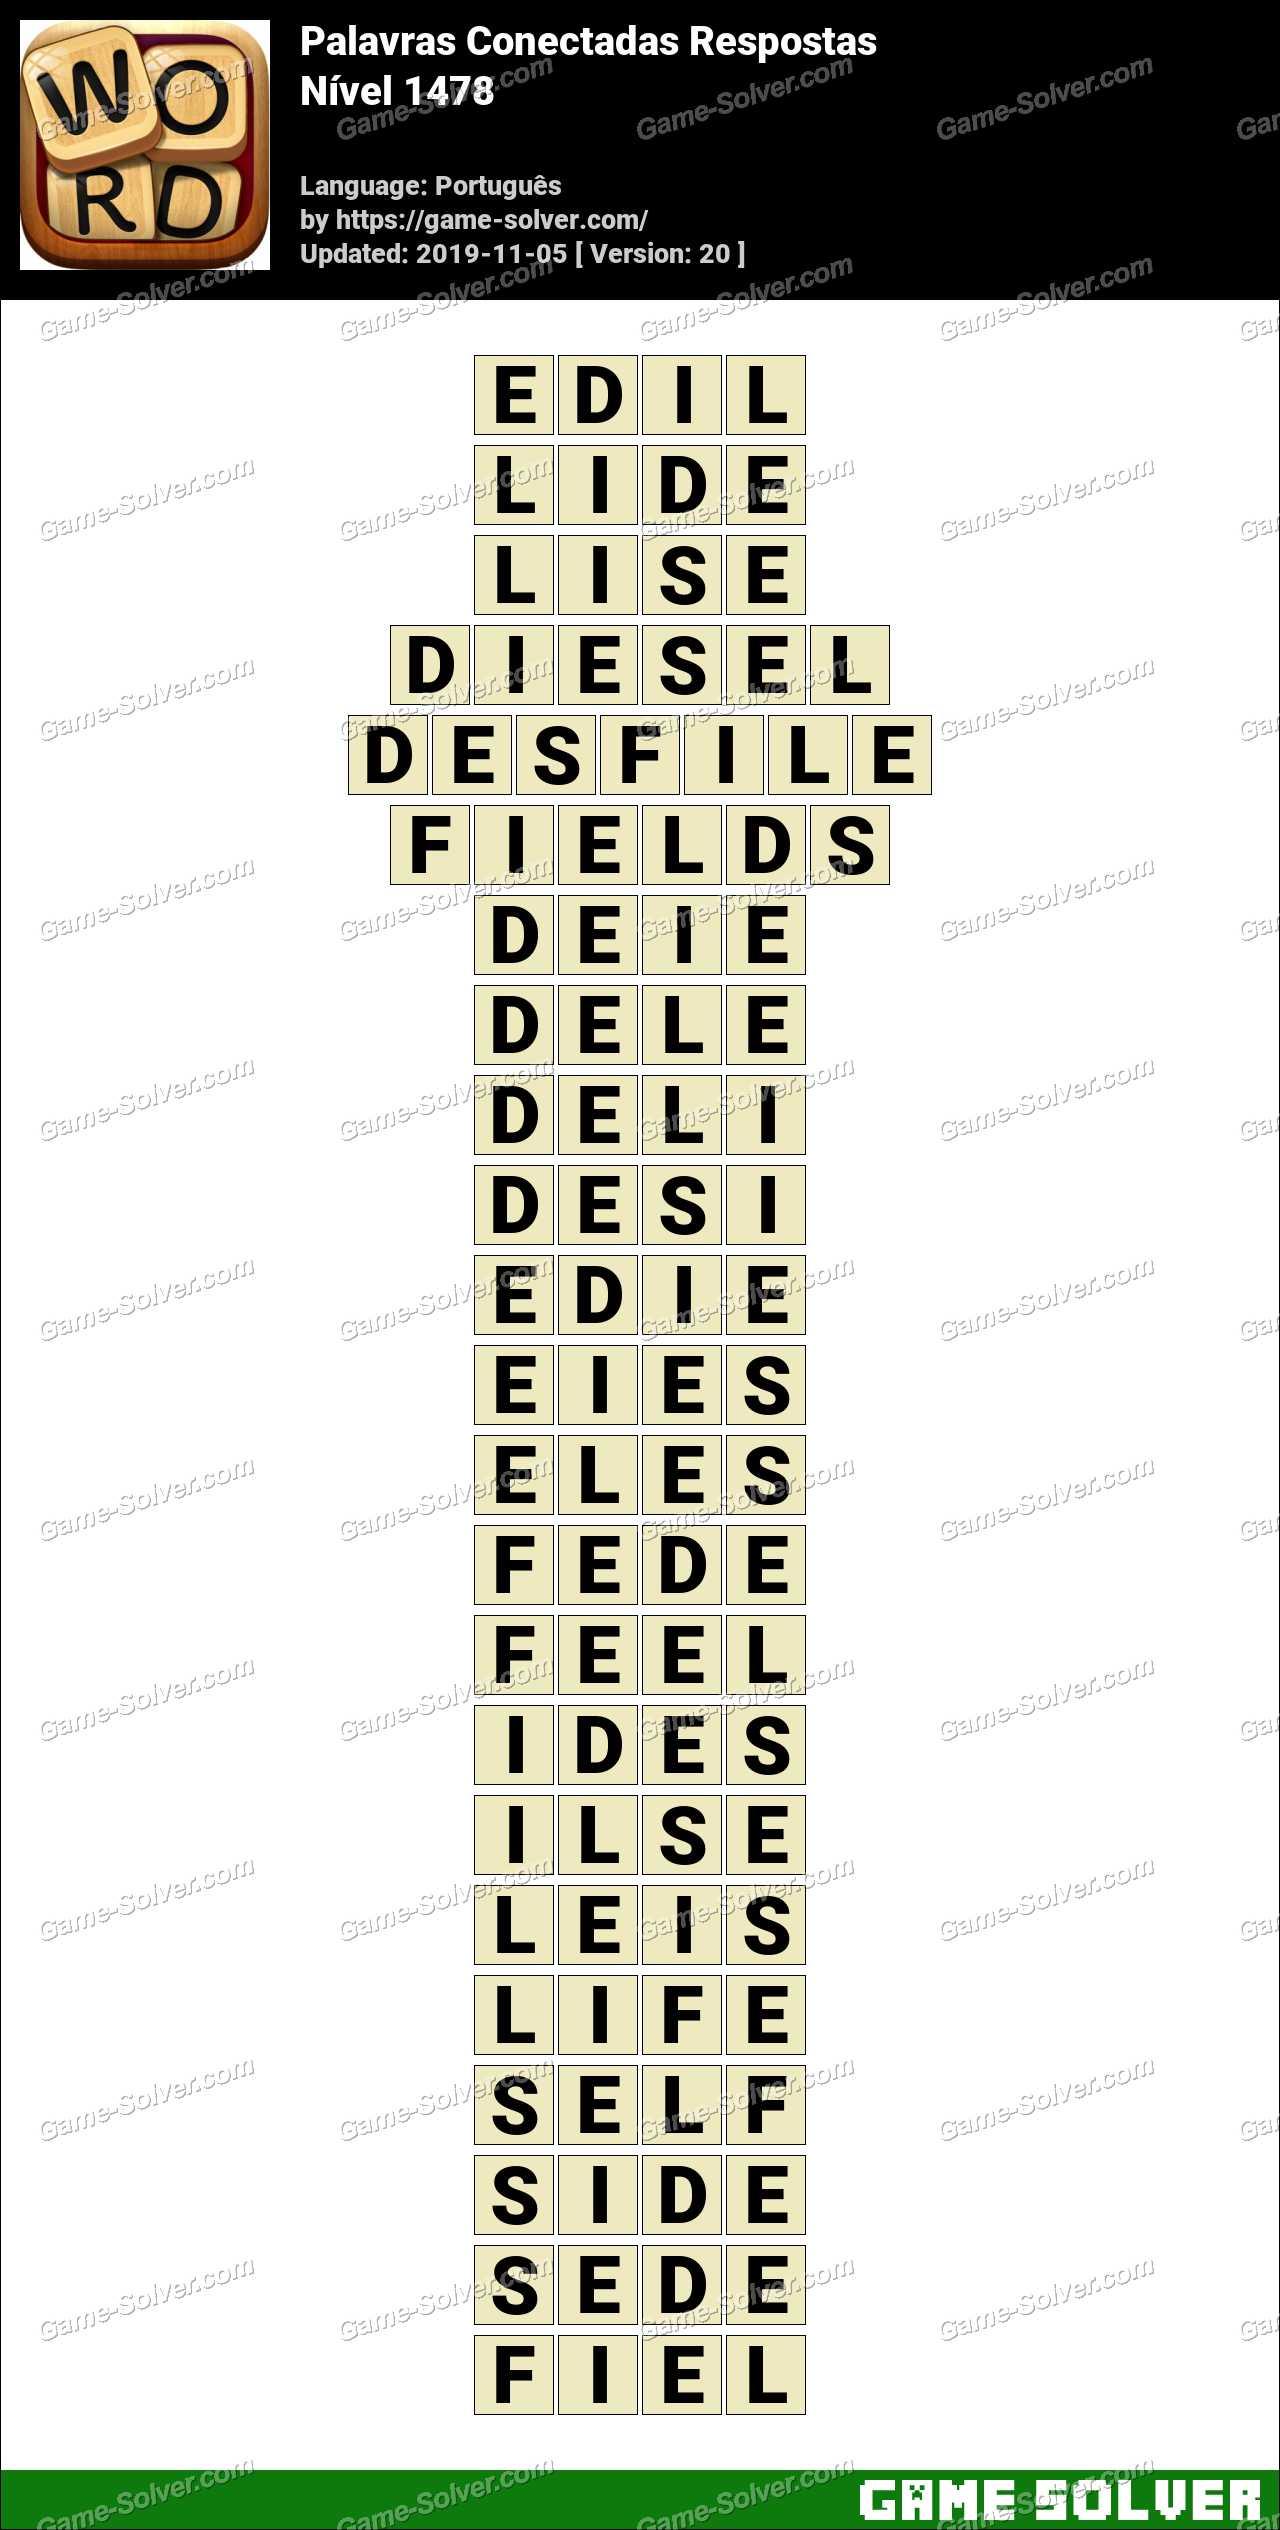 Palavras Conectadas Nivel 1478 Respostas